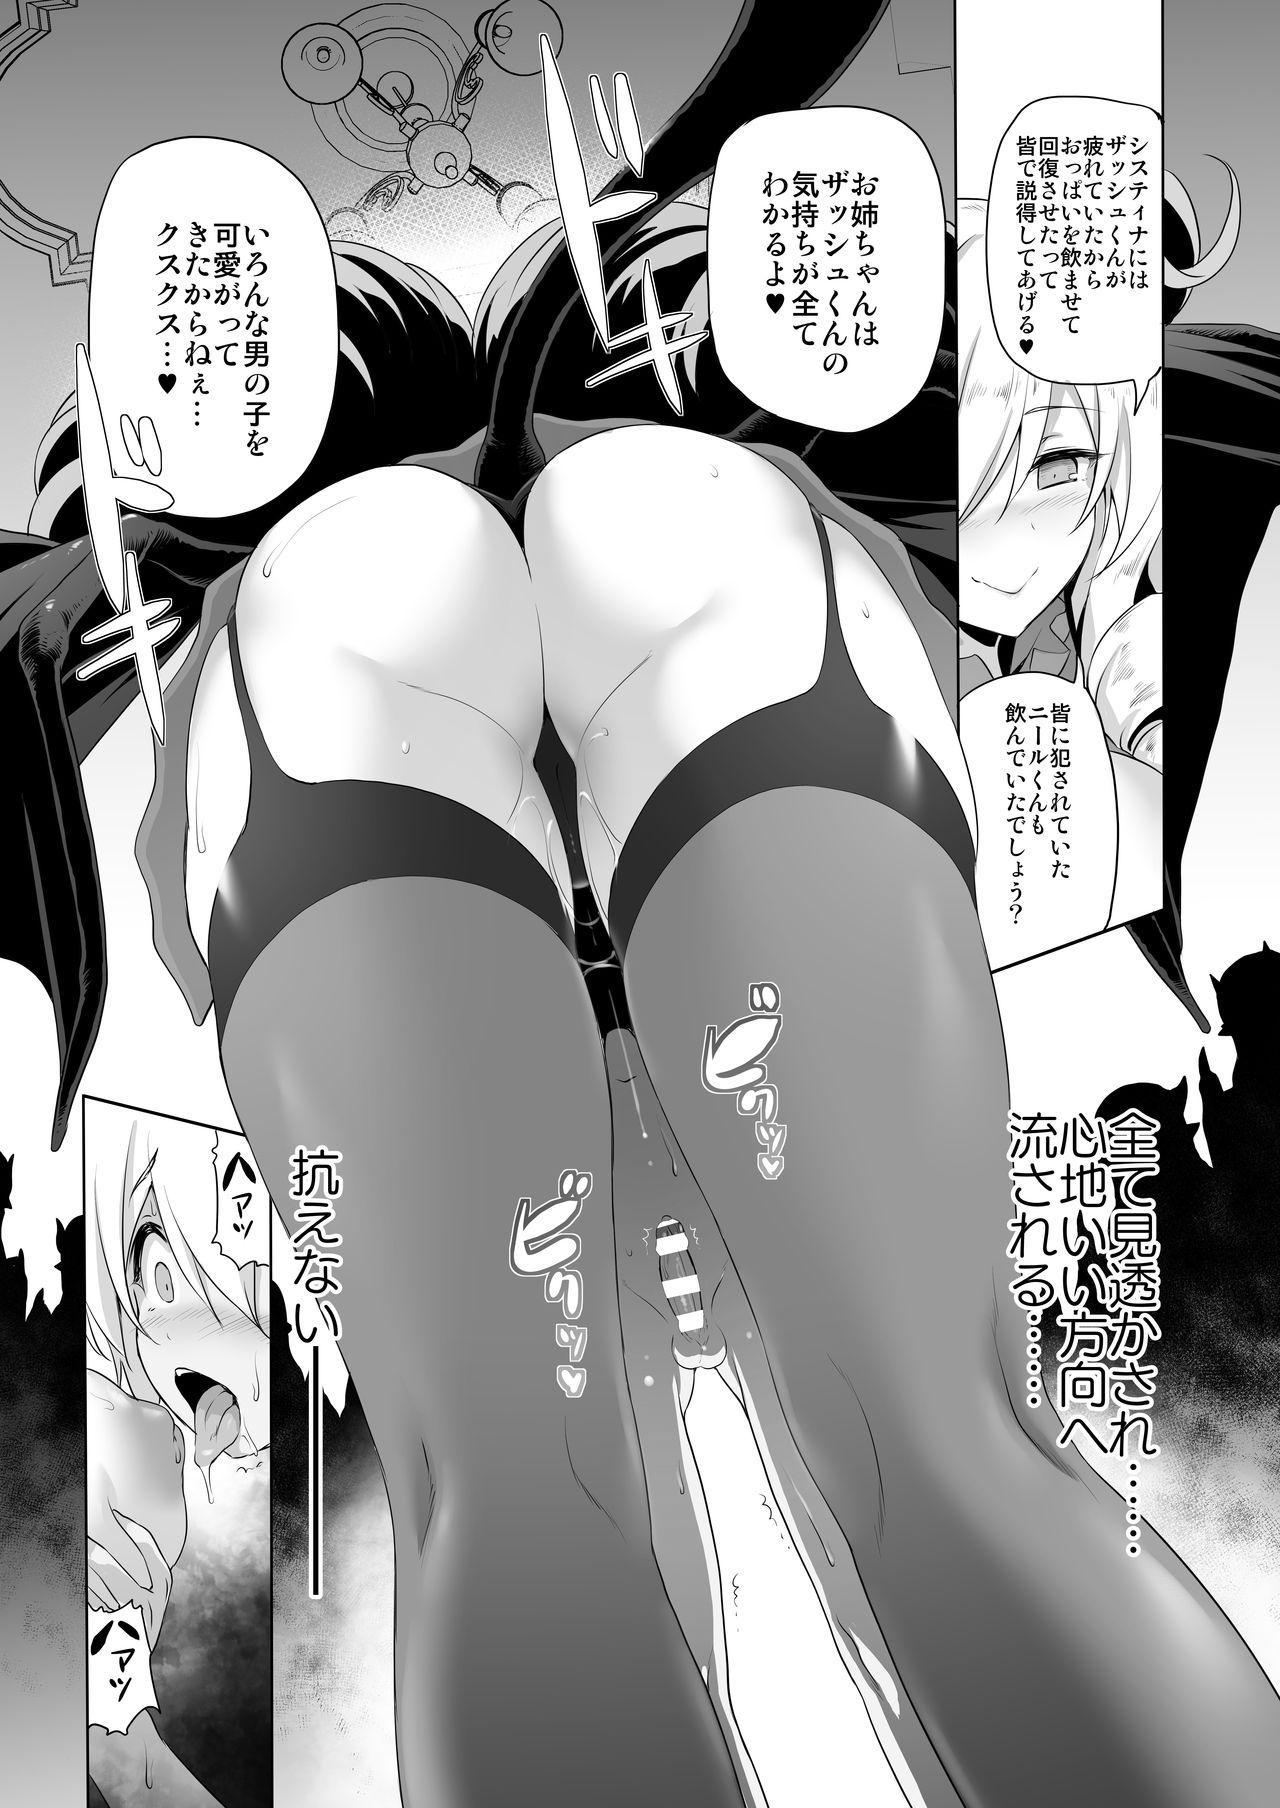 Makotoni Zannen desu ga Bouken no Sho 5 wa Kiete Shimaimashita. 10